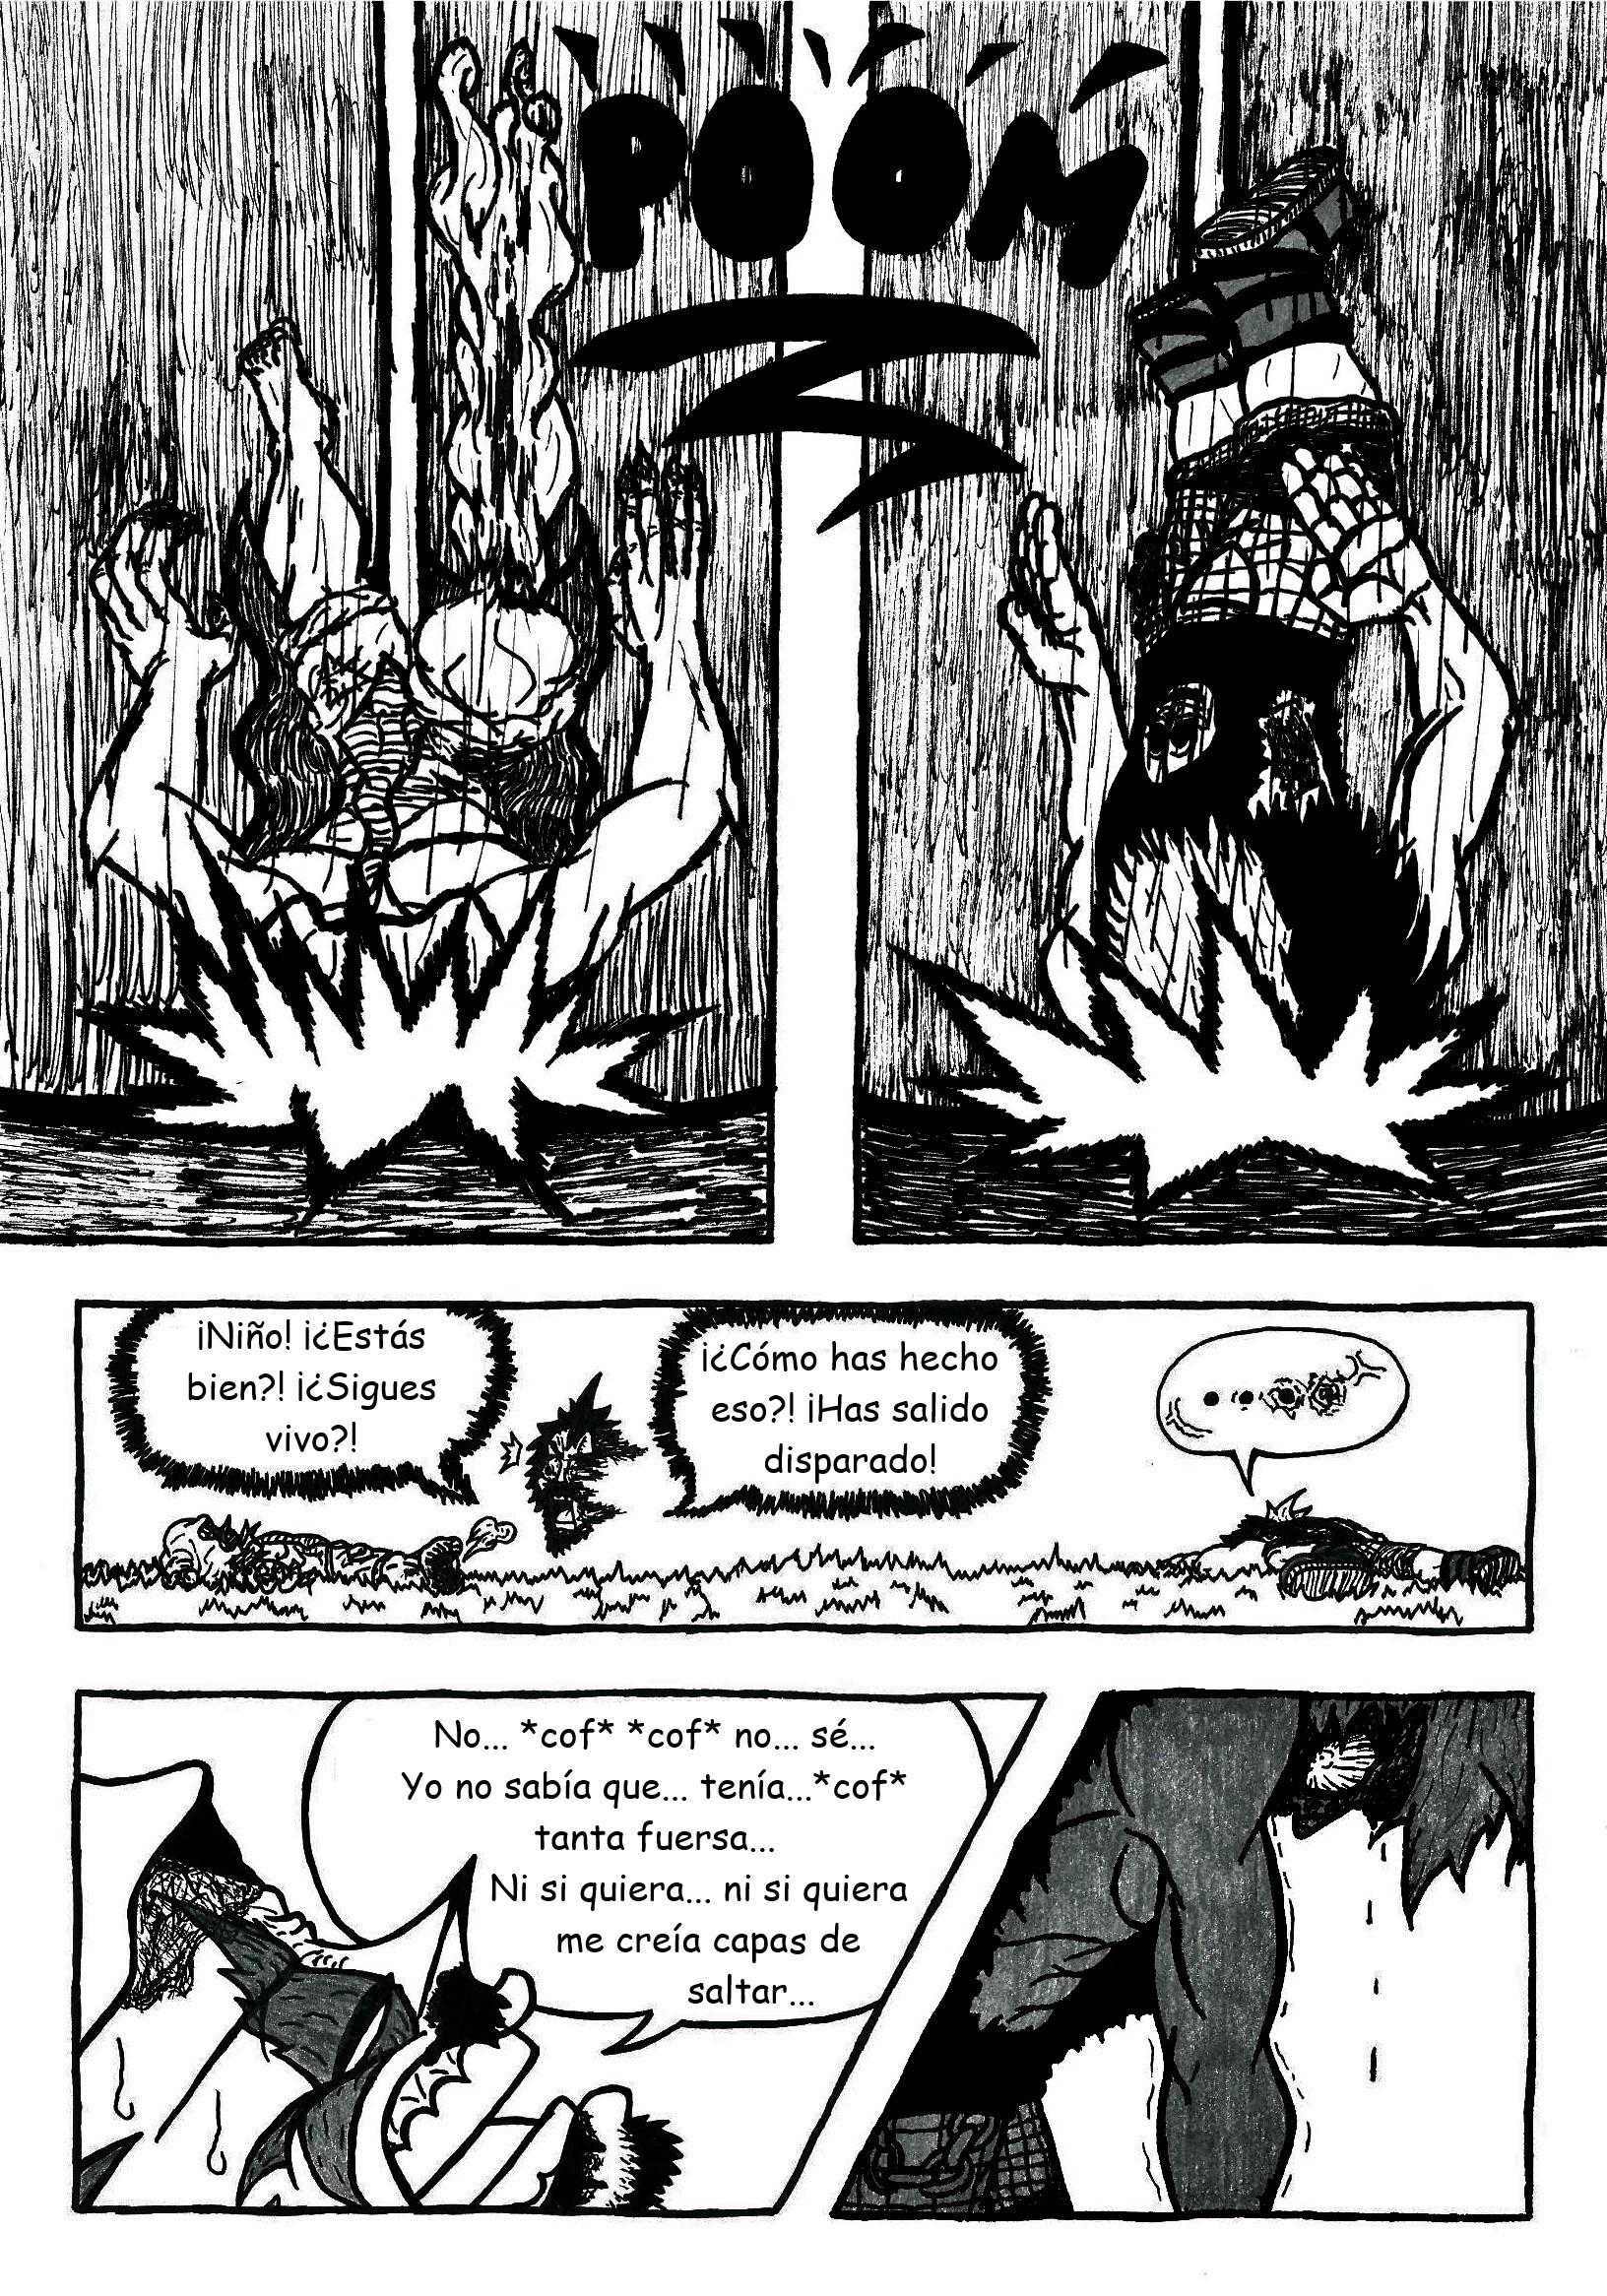 Avatar_02_J_Angel_Casado_Fuster_pagina00015